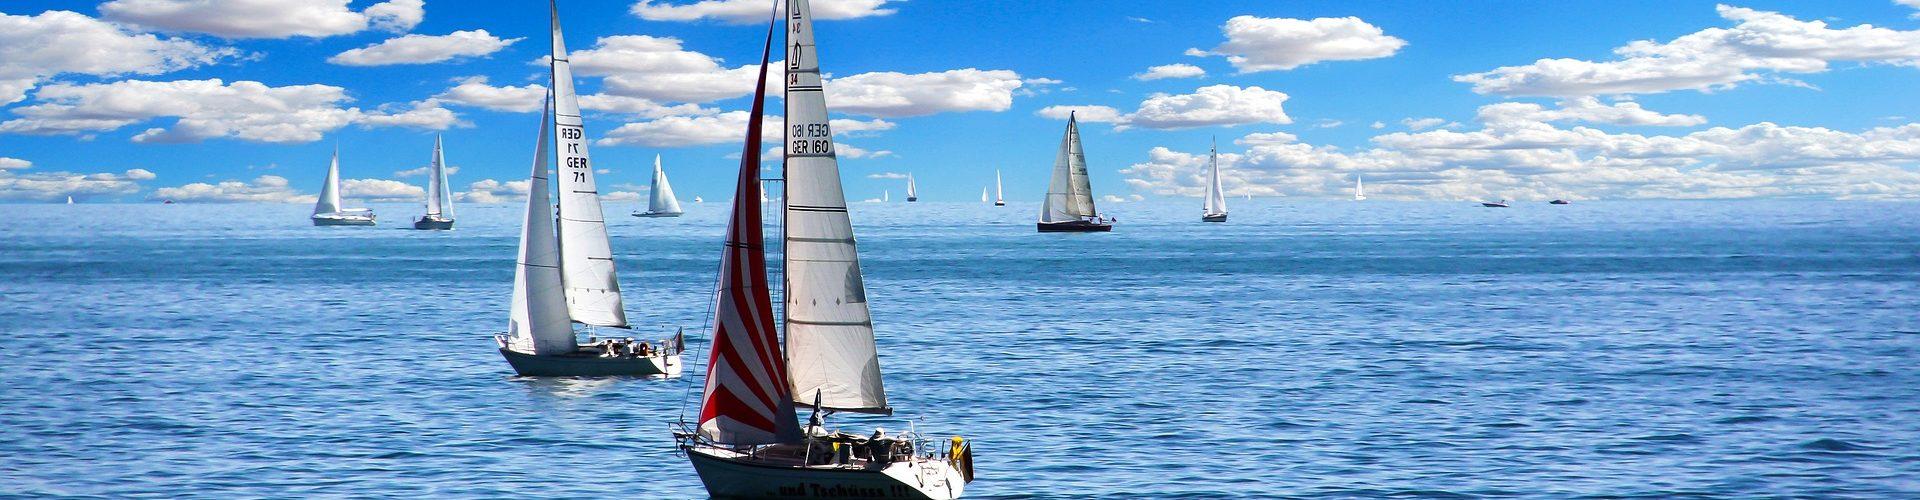 segeln lernen in Krauchenwies segelschein machen in Krauchenwies 1920x500 - Segeln lernen in Krauchenwies